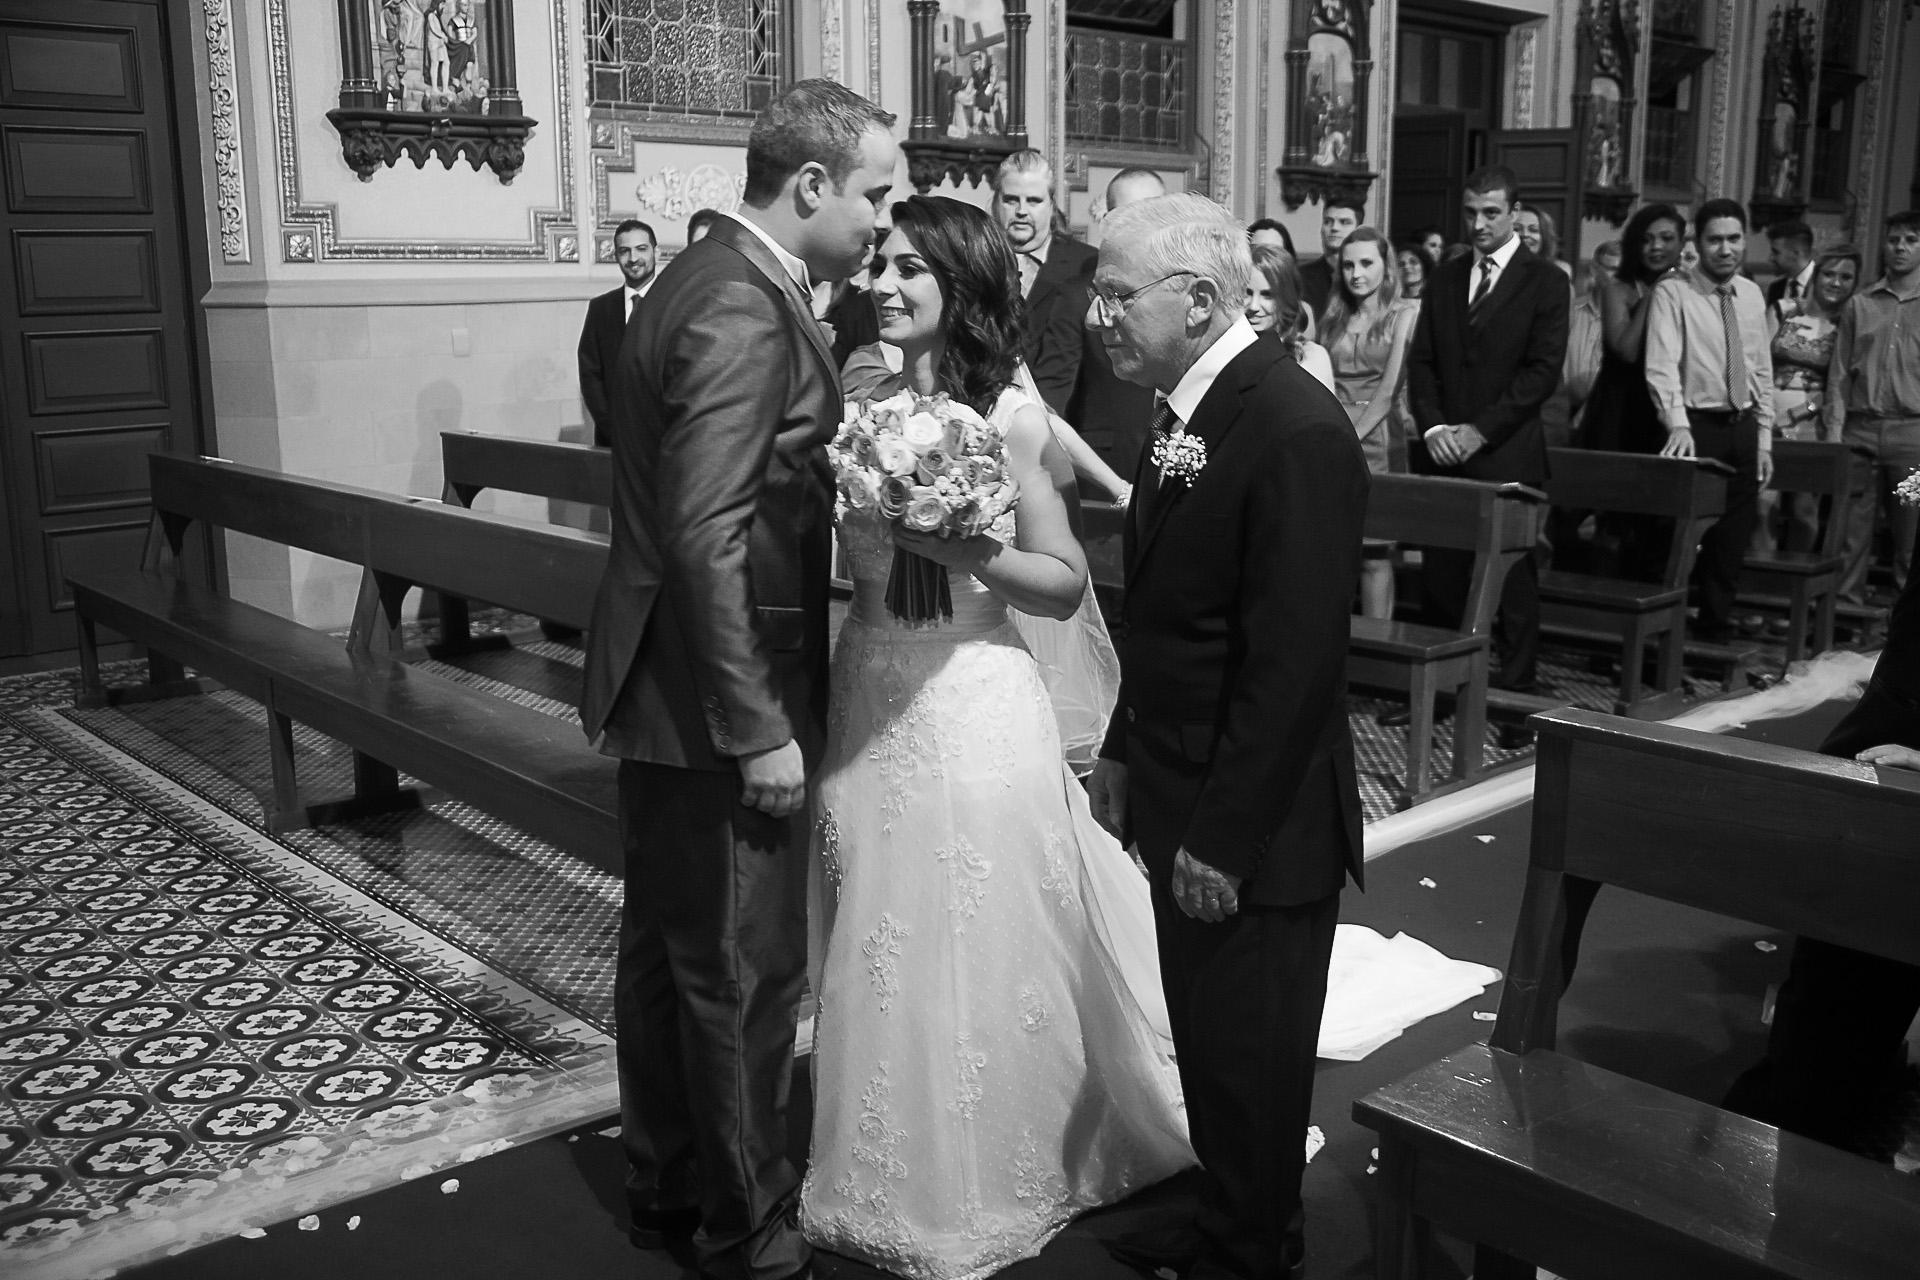 fotografo de casamento-34